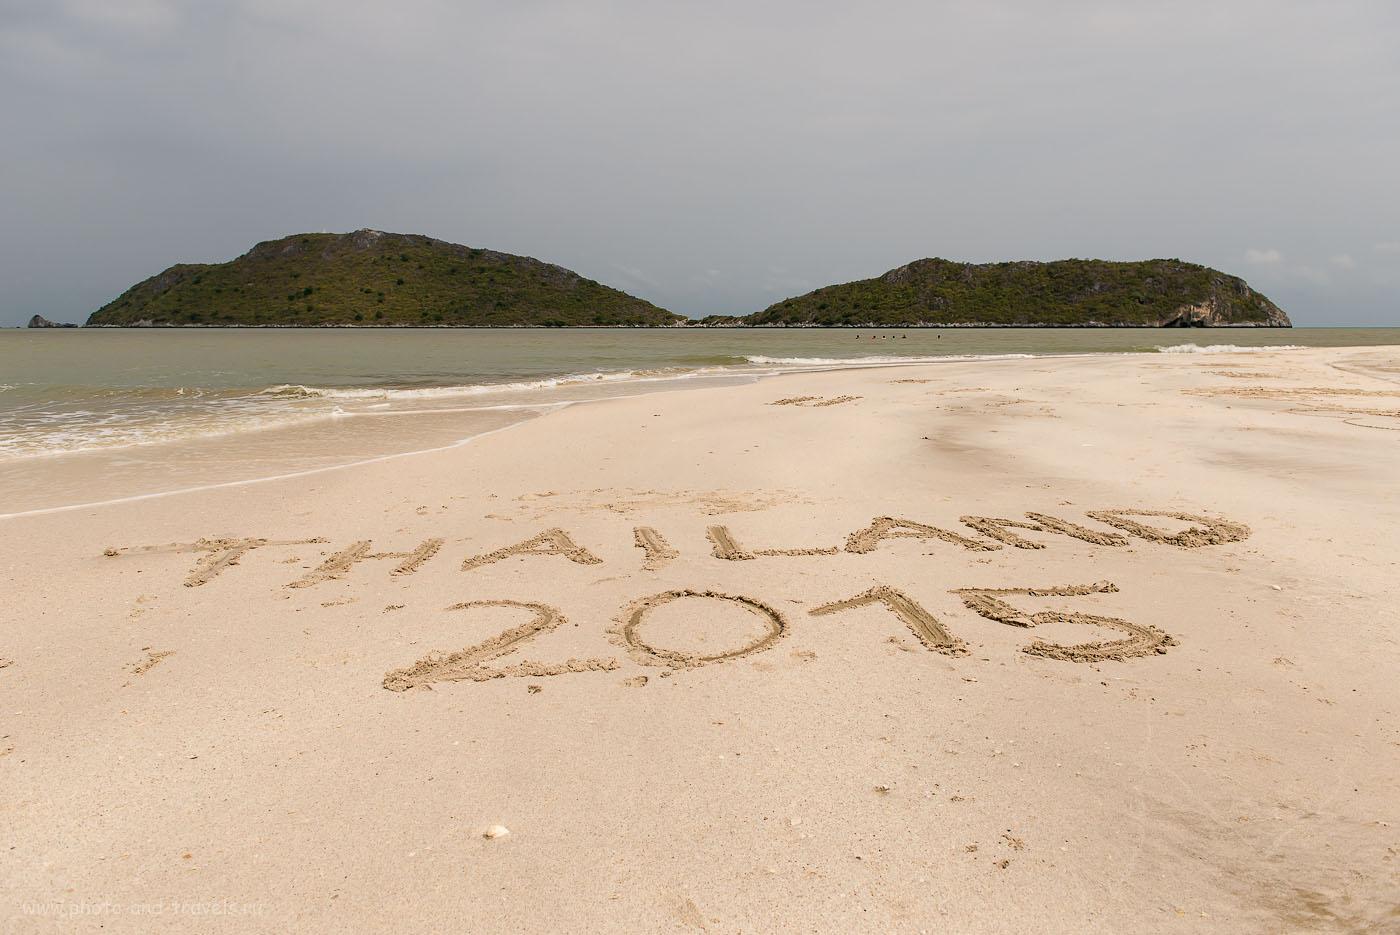 Фотография 2. Пляжный отдых в Таиланде зимой 2015. Отчет о поездке на машине по окрестностям Хухаина. Национальный парк  Кхао Сам Рой Йот, пляж Лаем Сала (Hat Laem Sala) (ИСО 250, ФР=24, F=5.6, выдержка 1/2000 секунды)